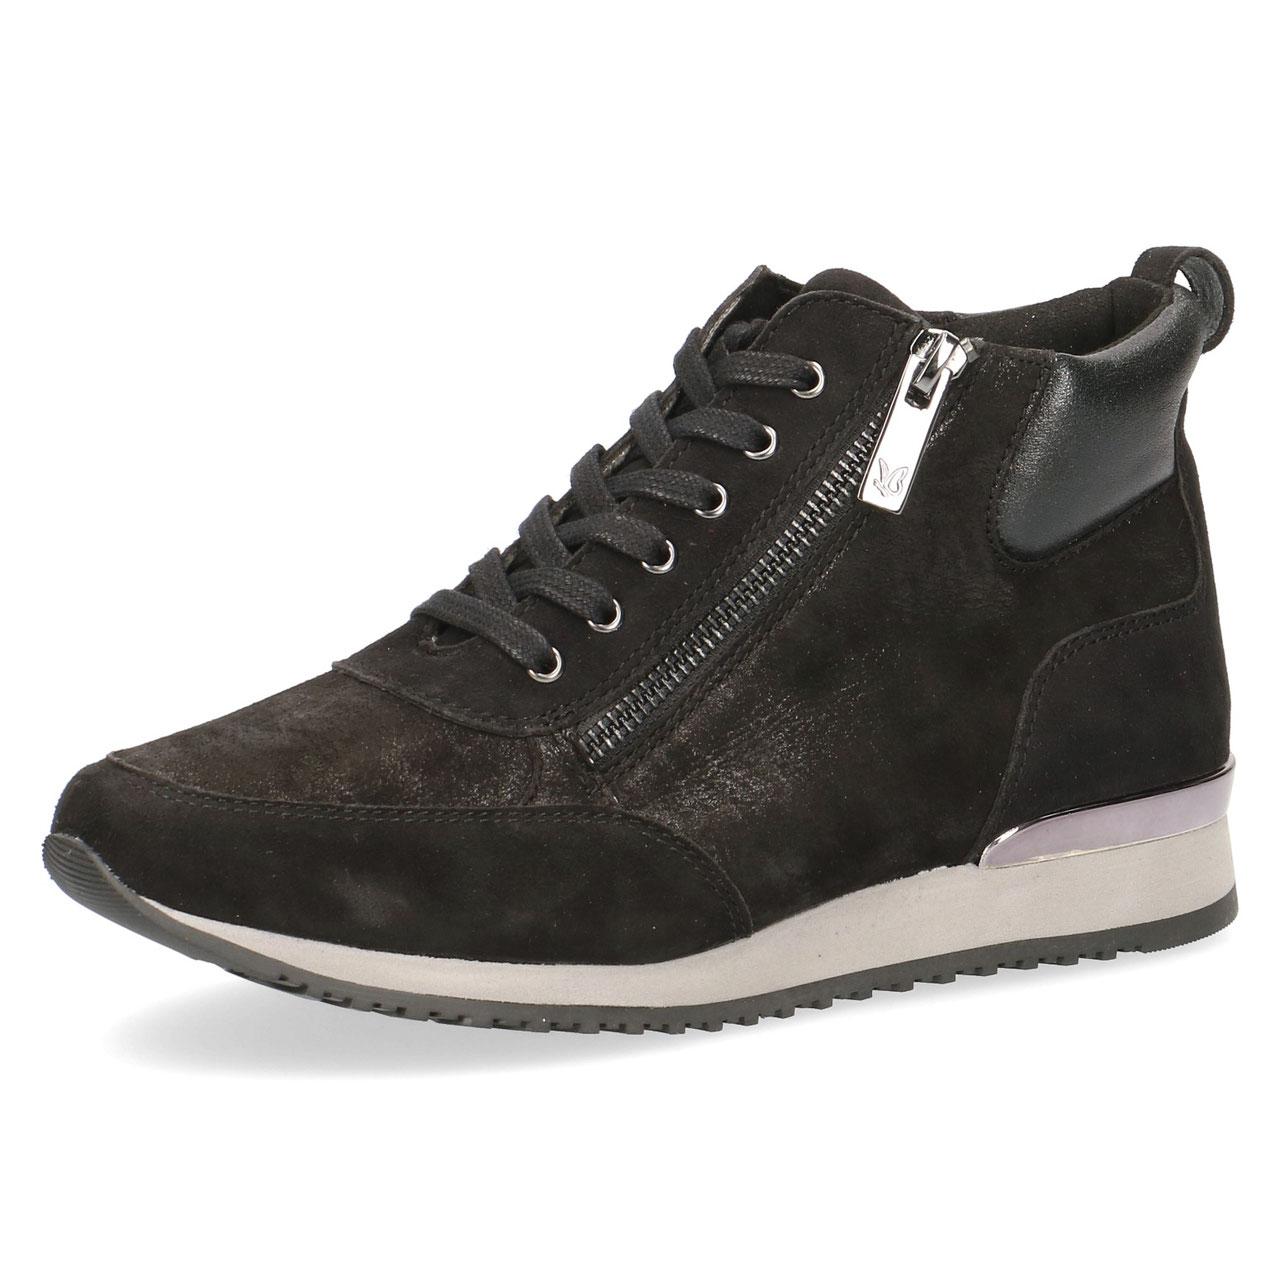 Stiefeletten warm Keilboden Schuhfachgeschäft & Schuhe dyFH8